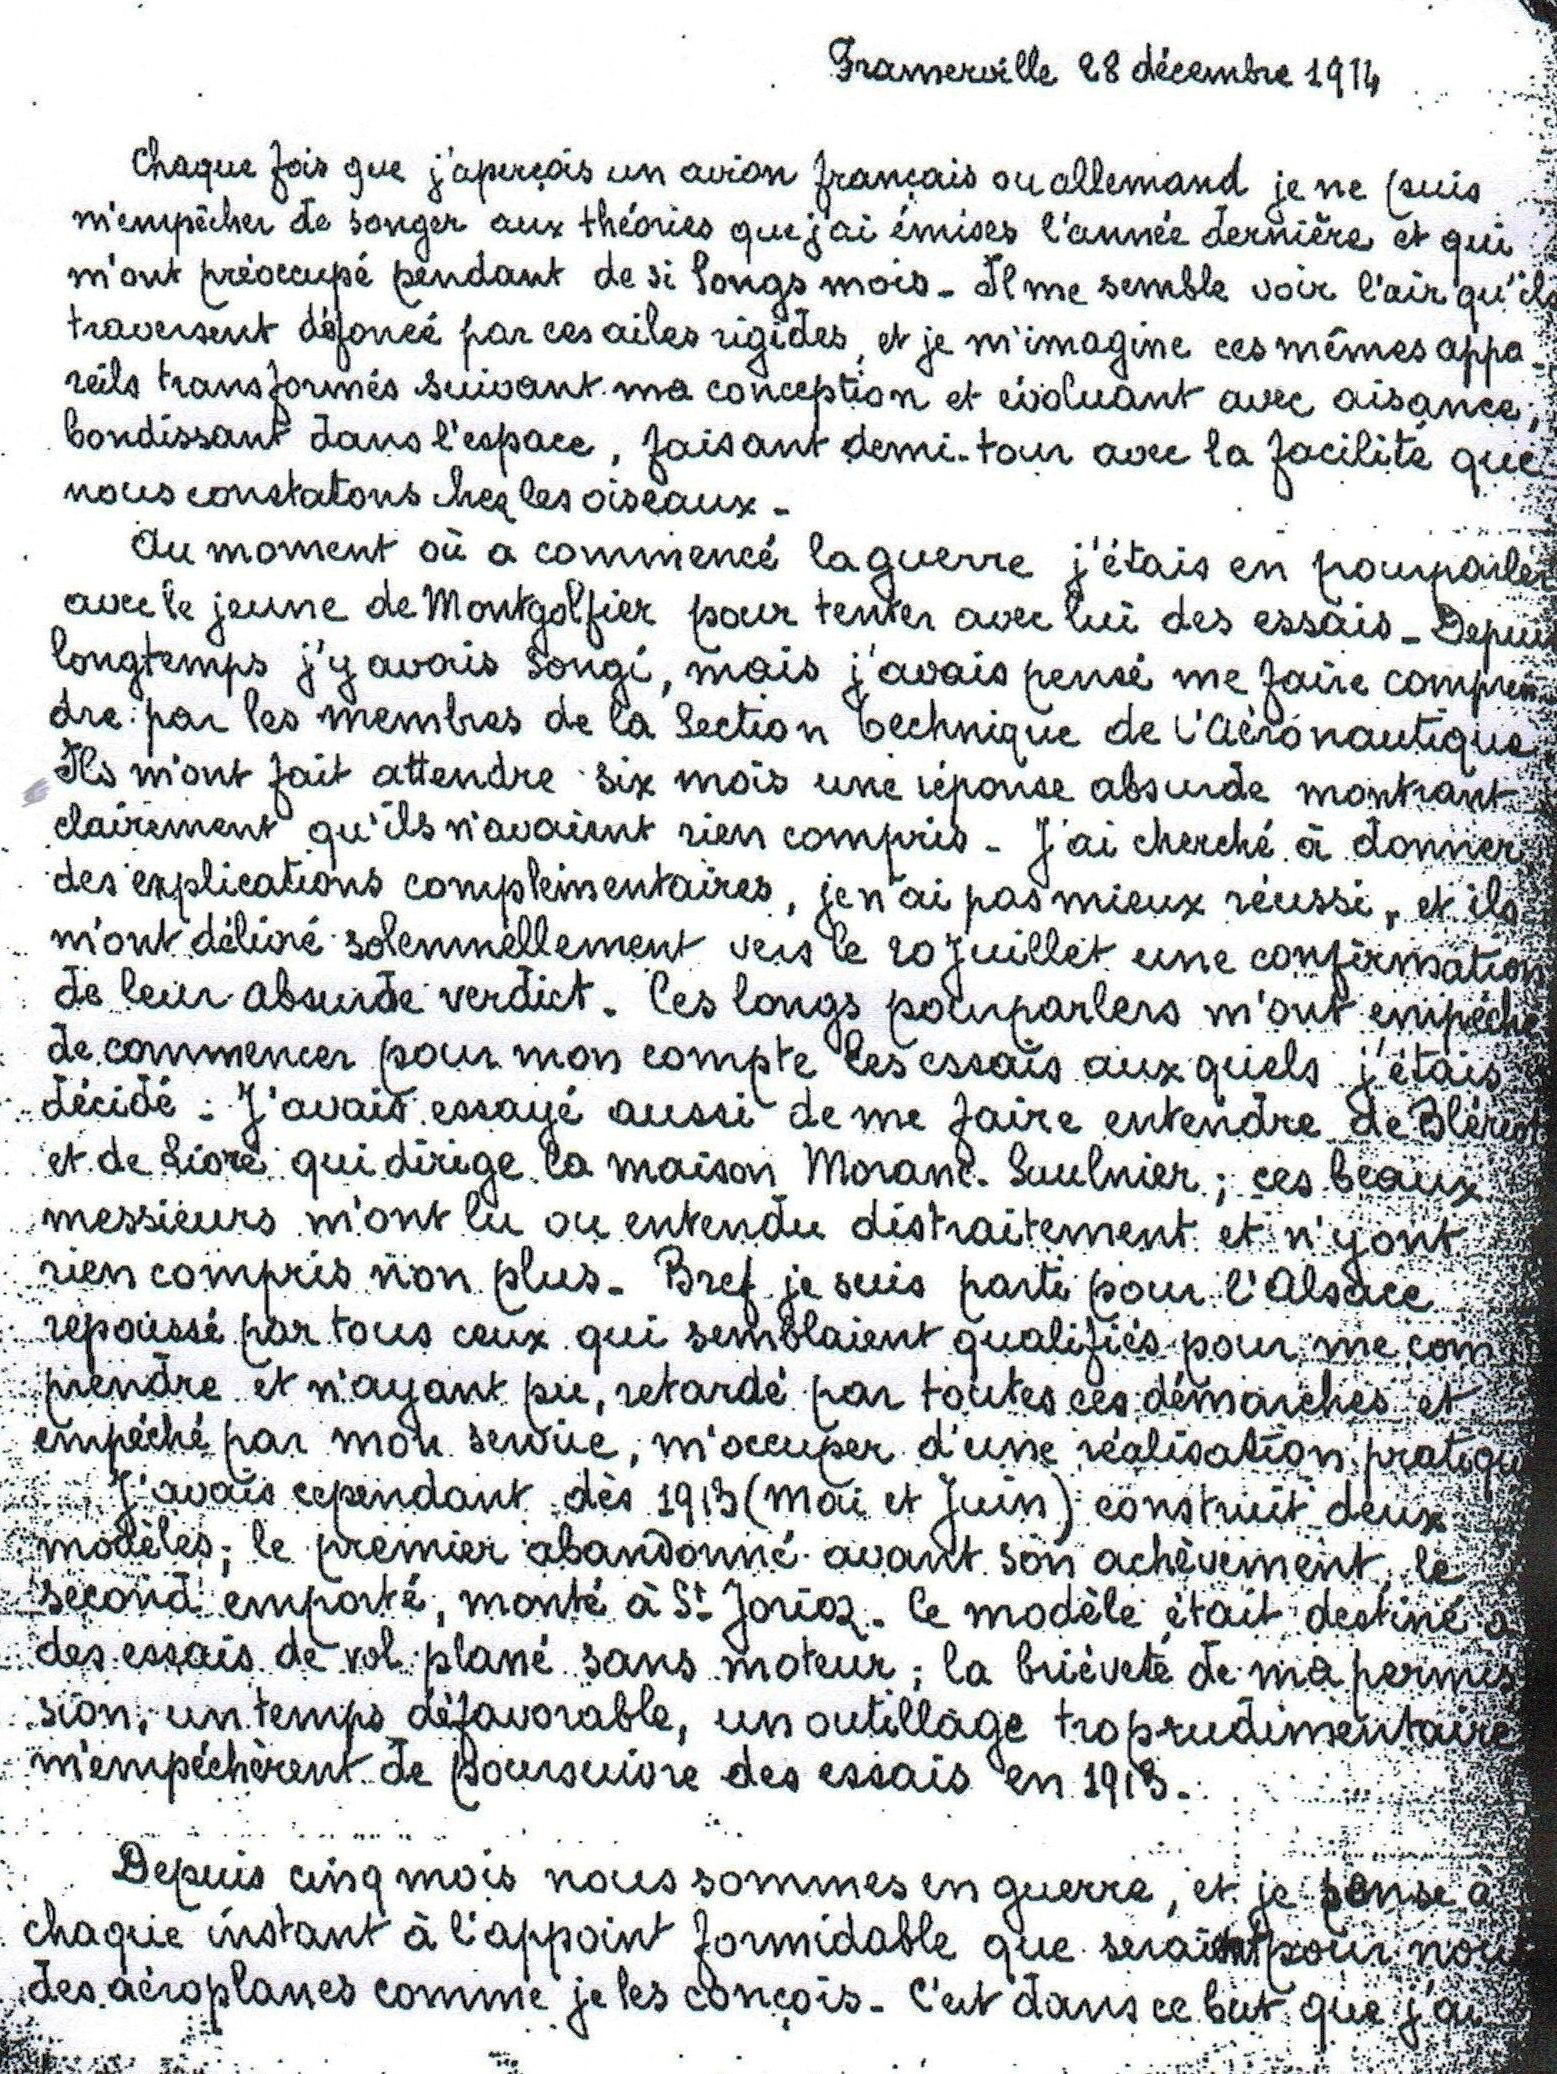 31-Edouard Favre - Journal page 122.jpg